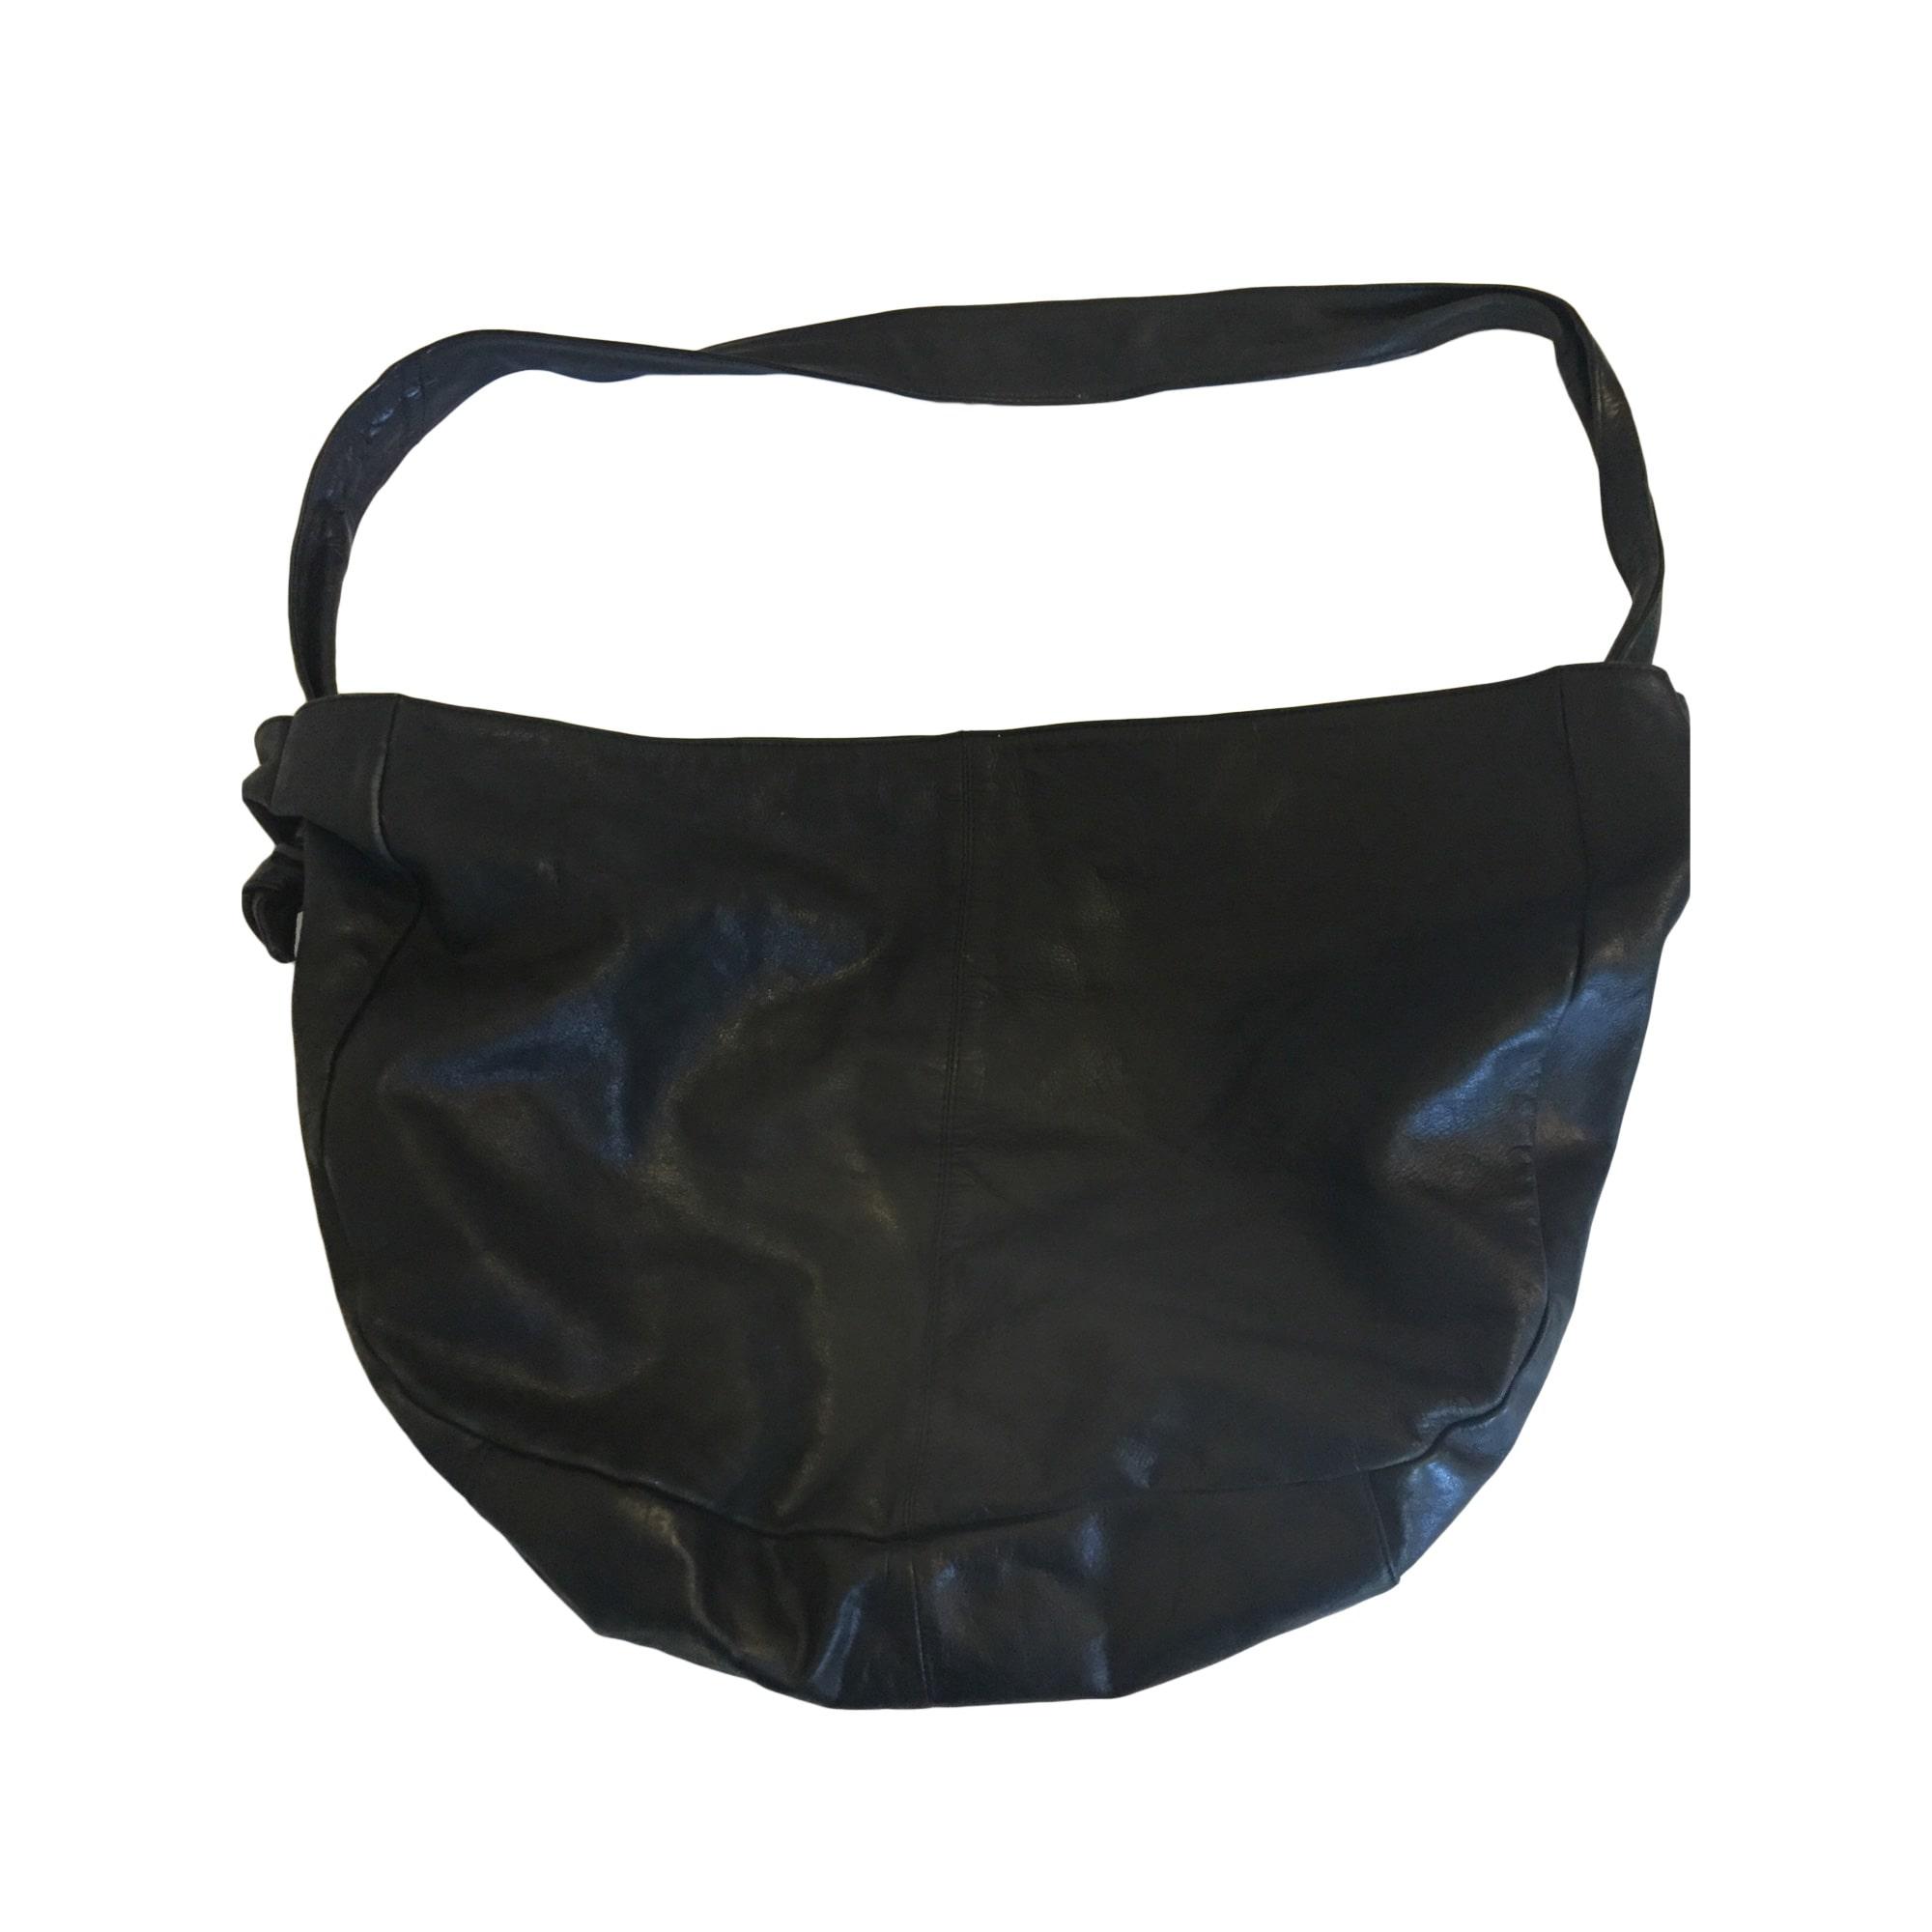 Sac en bandouli re en cuir comptoir des cotonniers noir vendu par caroline 4803 6126279 - Caroline daily comptoir des cotonniers ...